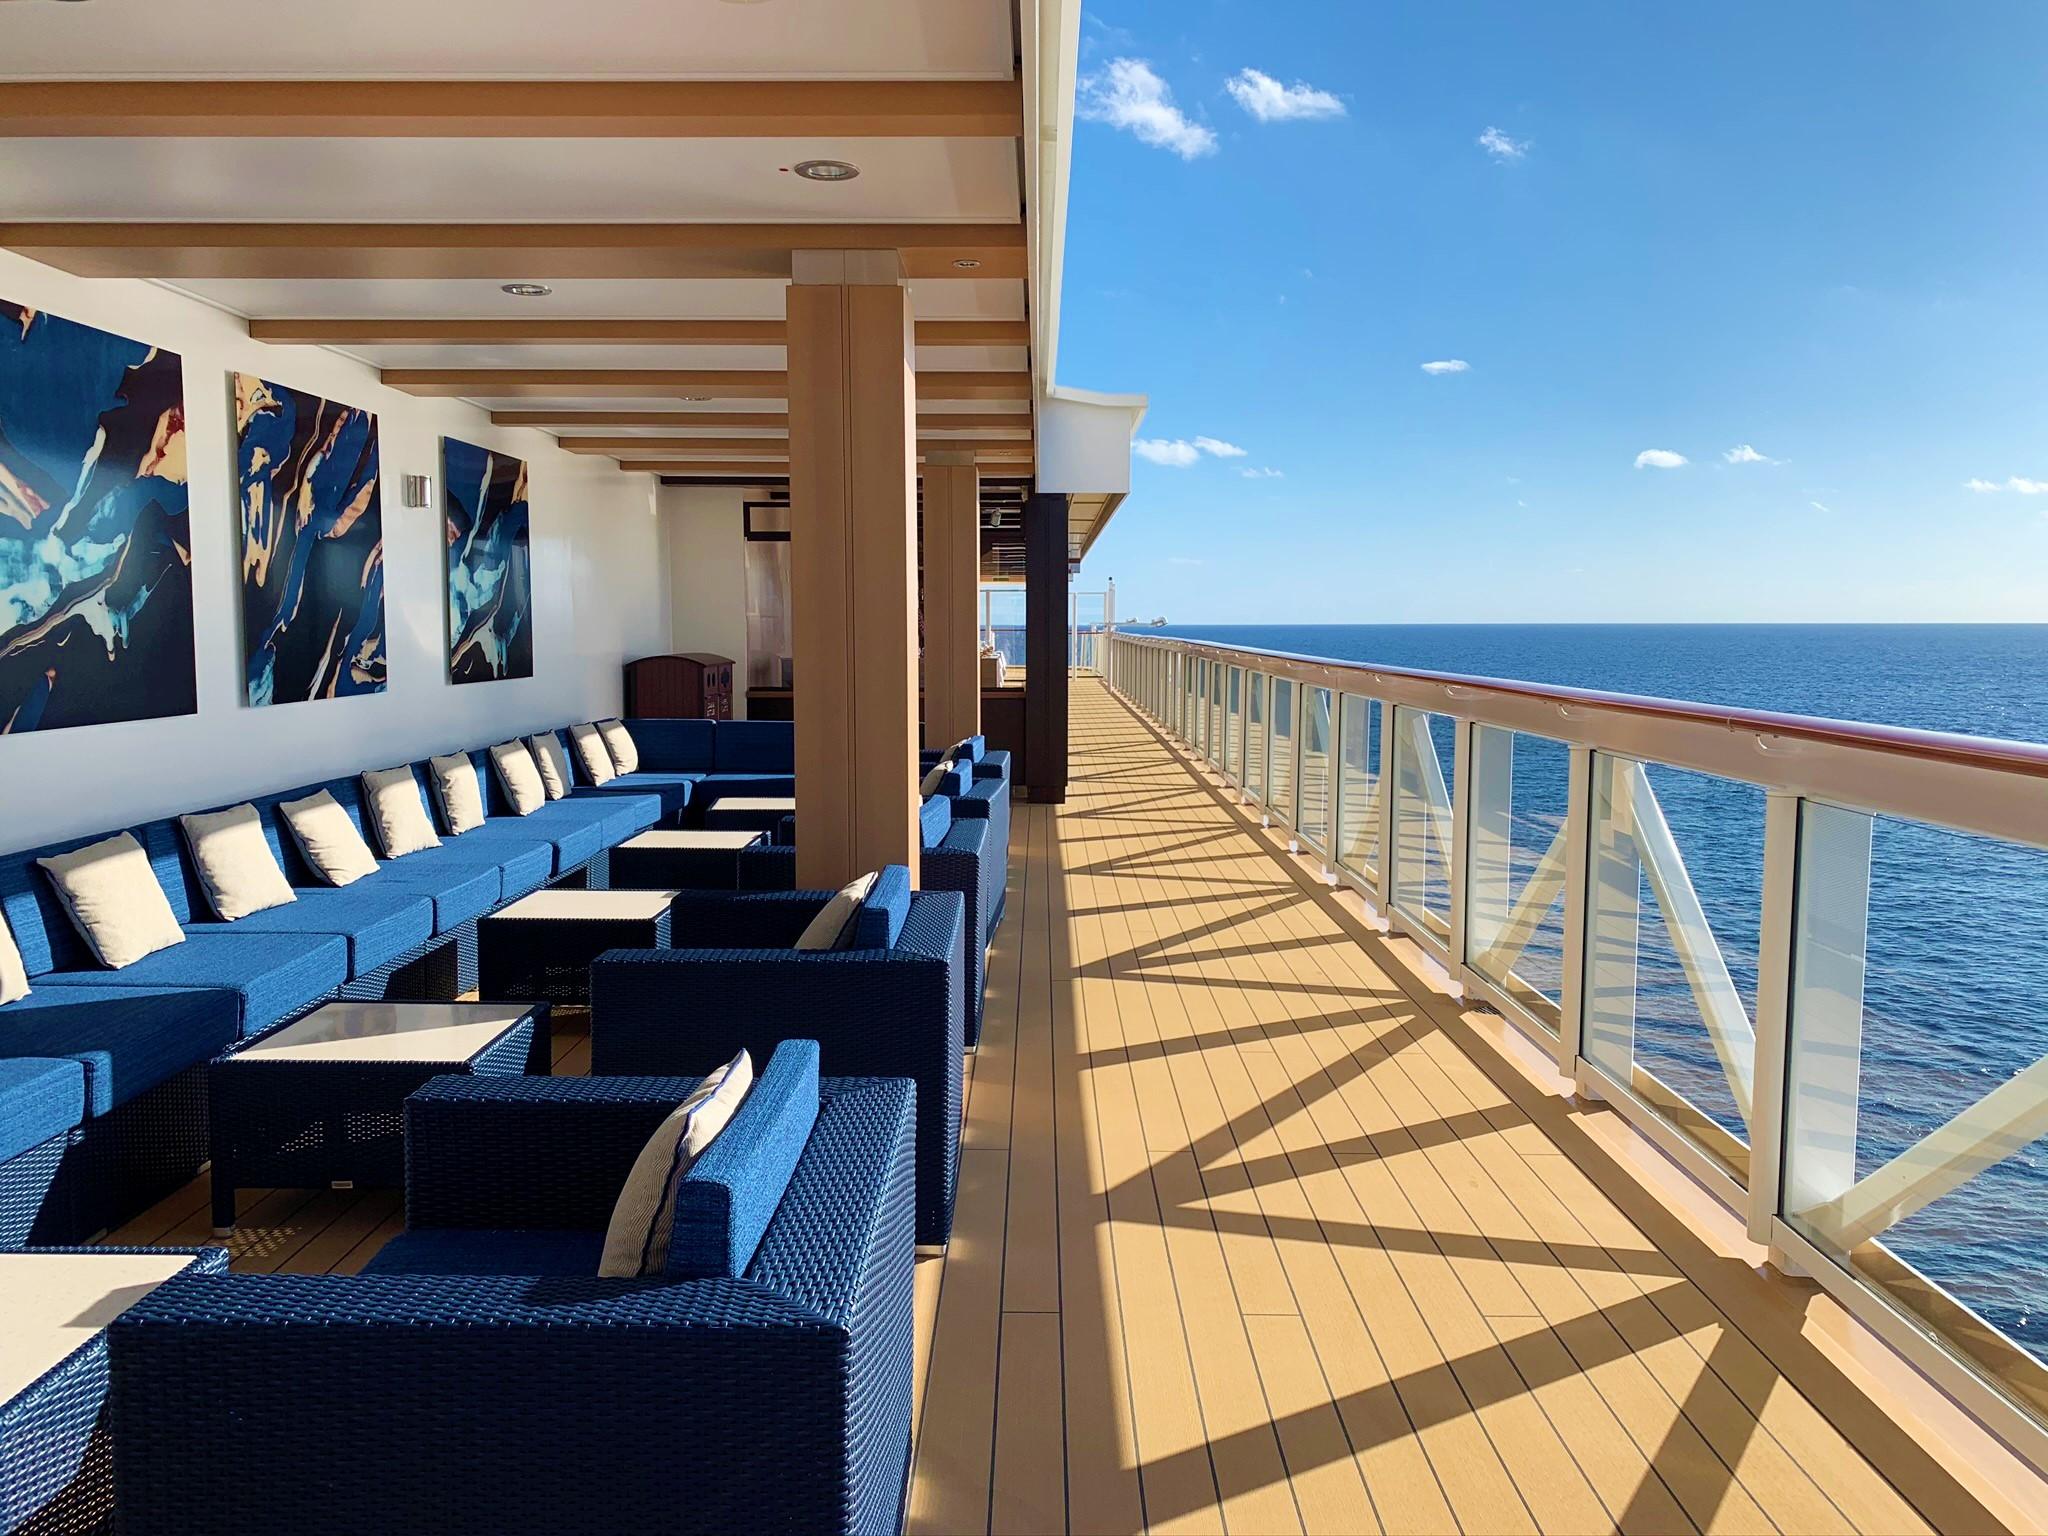 Norwegian Cruise Line's Waterfront